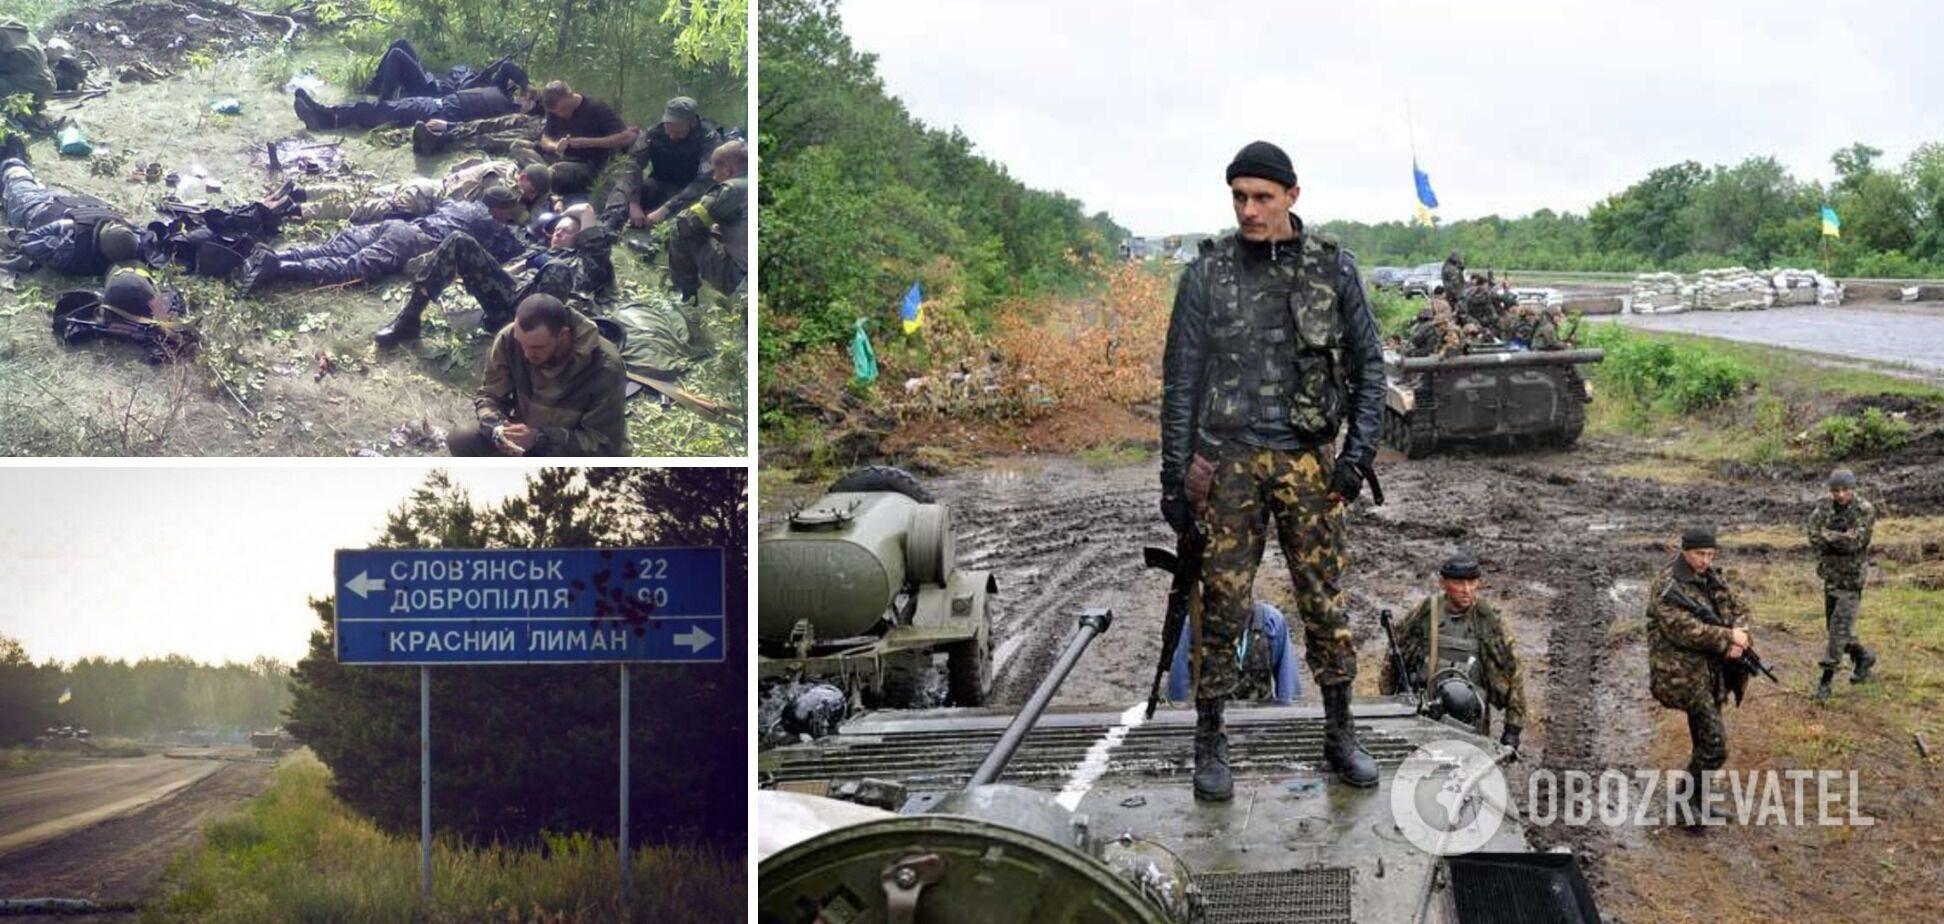 Порошенко: 7 років тому ми звільнили Красний Лиман, а далі – дві третини окупованого Донбасу